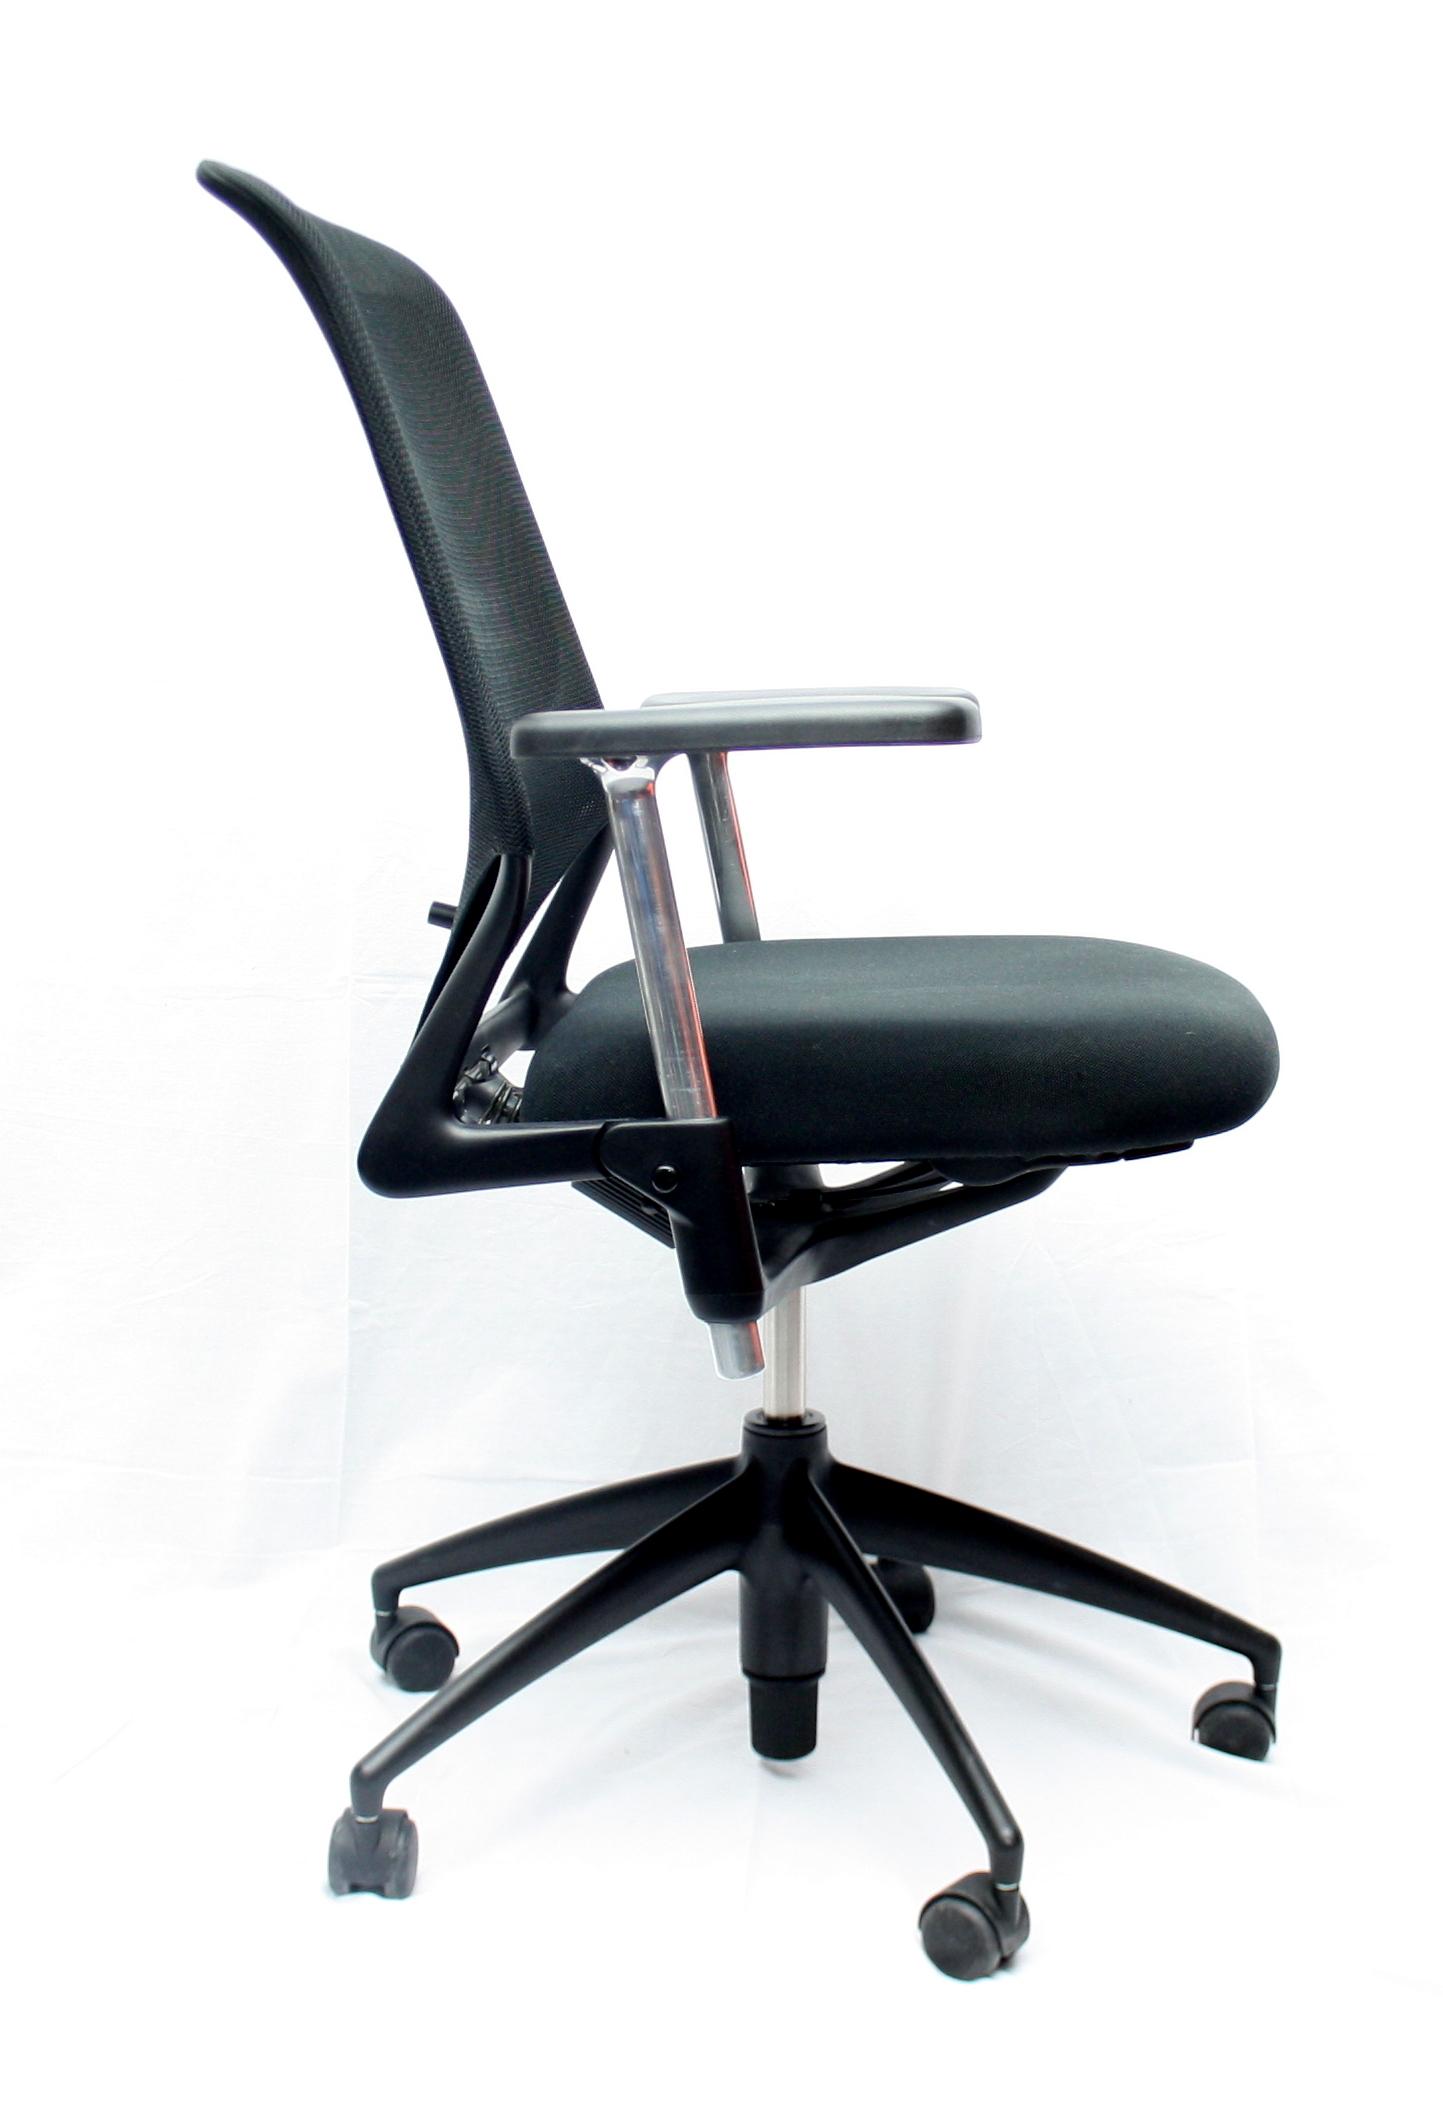 Rhein Von Vitra Büroeinrichter Stühle Ihr Im Stuhl24 Gebrauchte – QodxCBtrsh